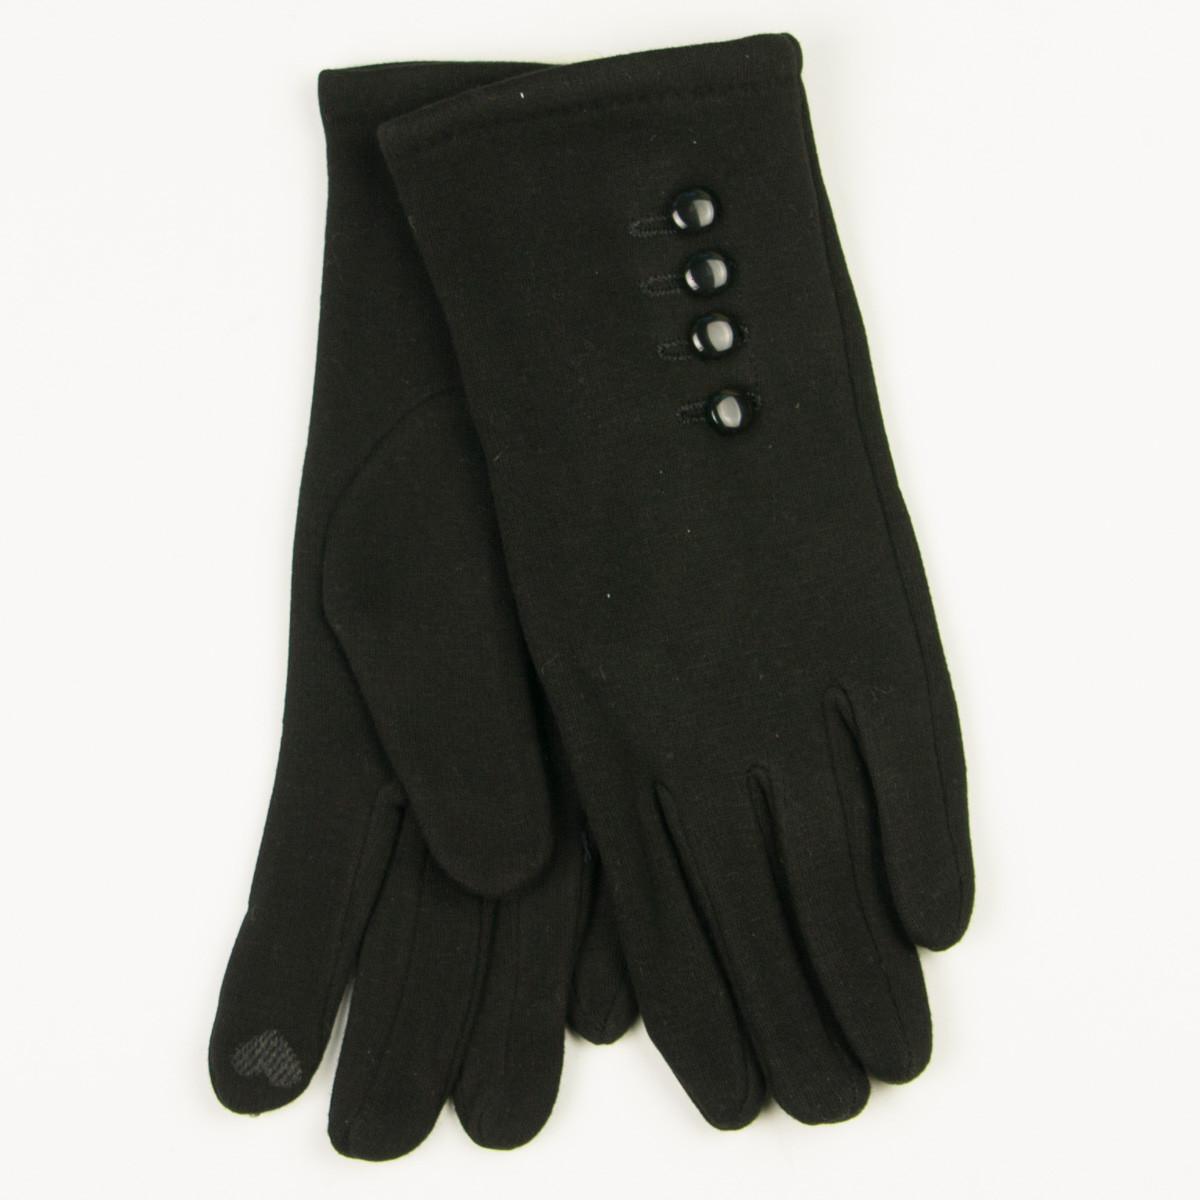 Трикотажные  женские перчатки зимние (арт. 19-1-39V1/6)  S(6.5)